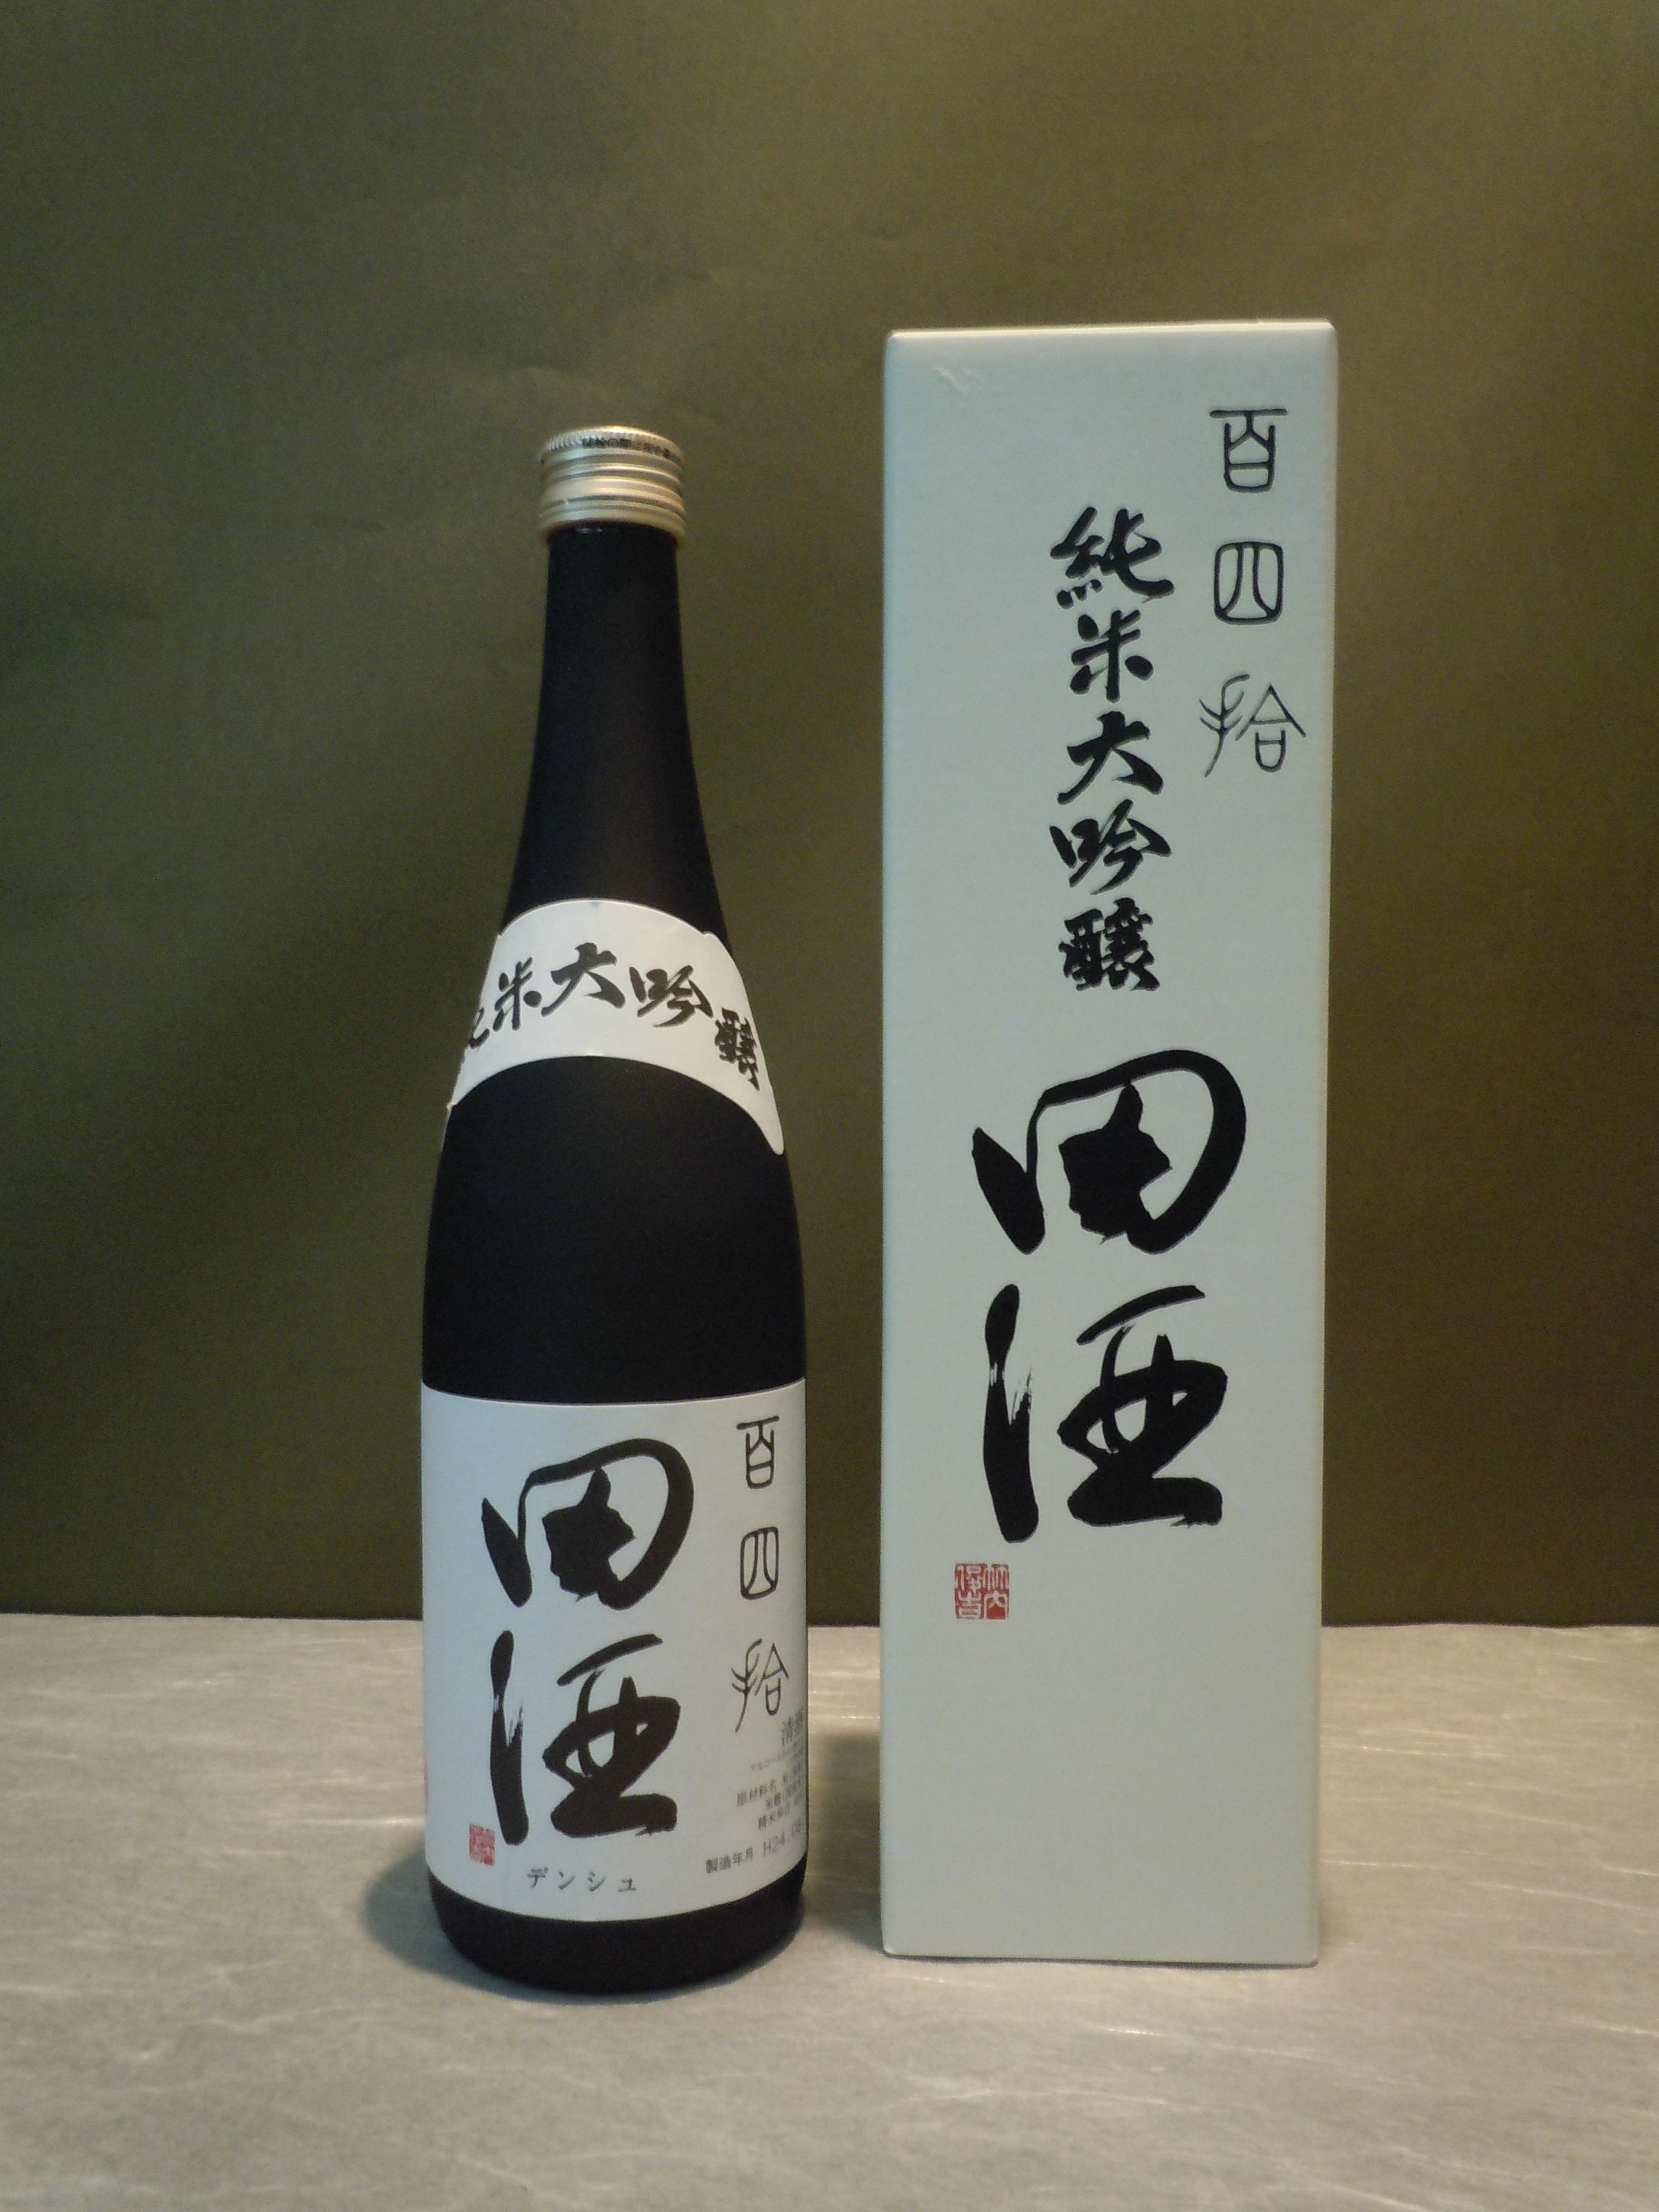 田酒 純米大吟醸 百四拾 720ml